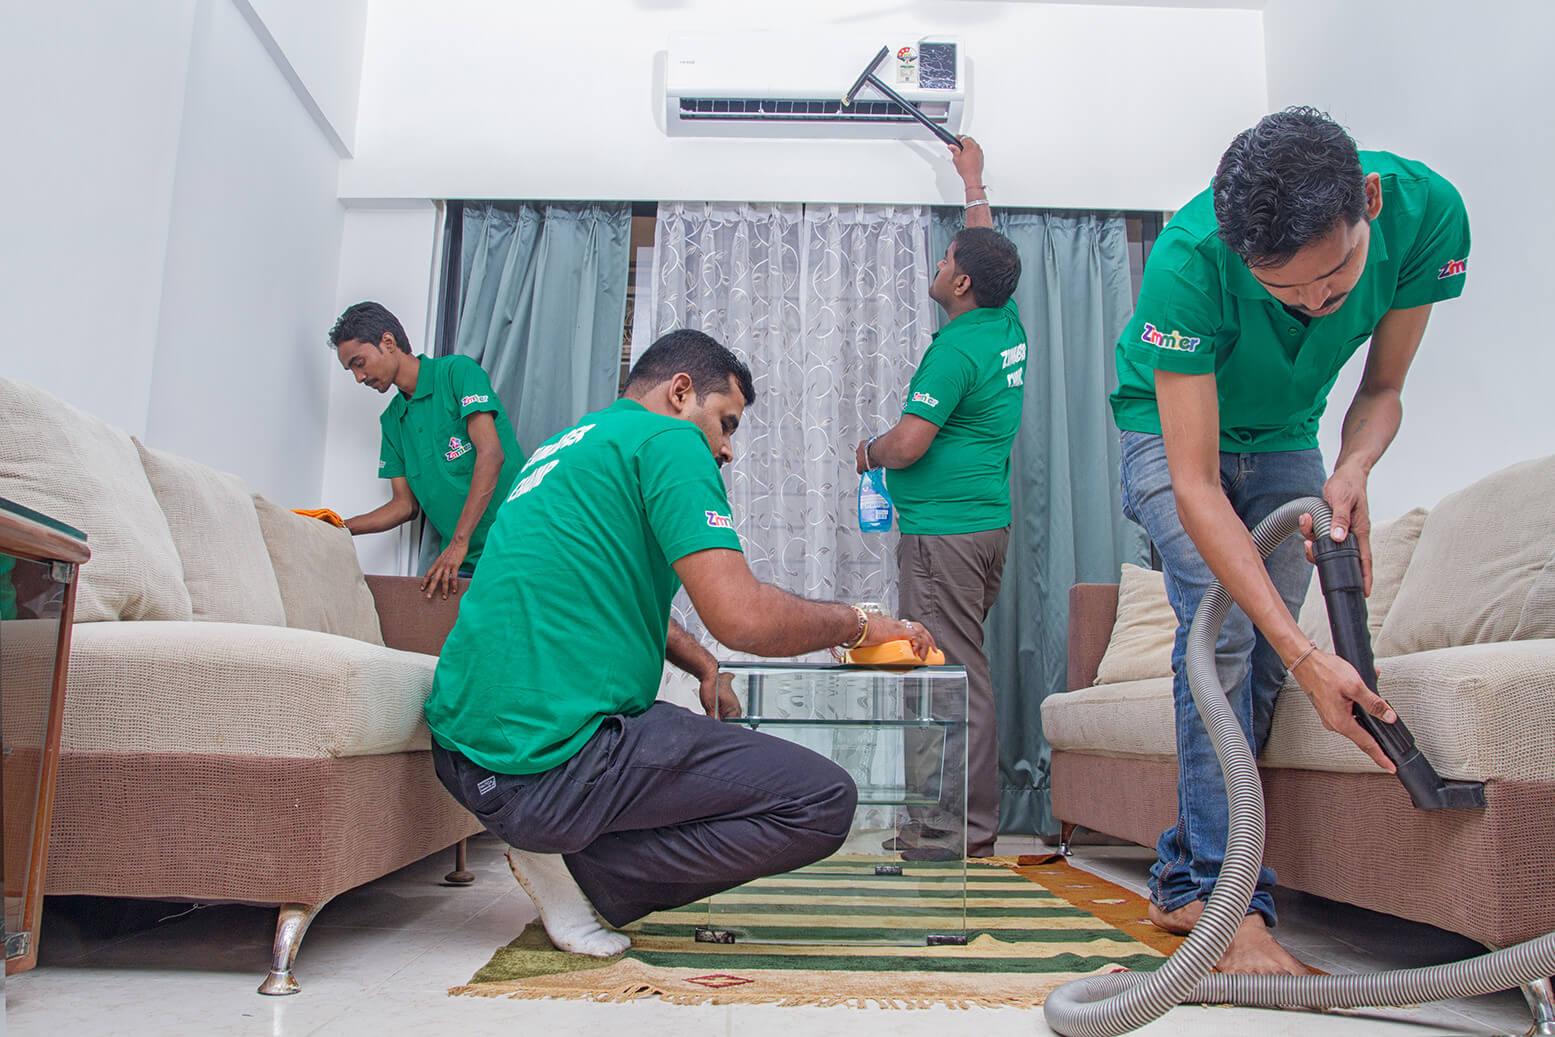 صورة شركة تنظيف منازل بالرياض , افضل شركة تنظيف منازل بالرياض